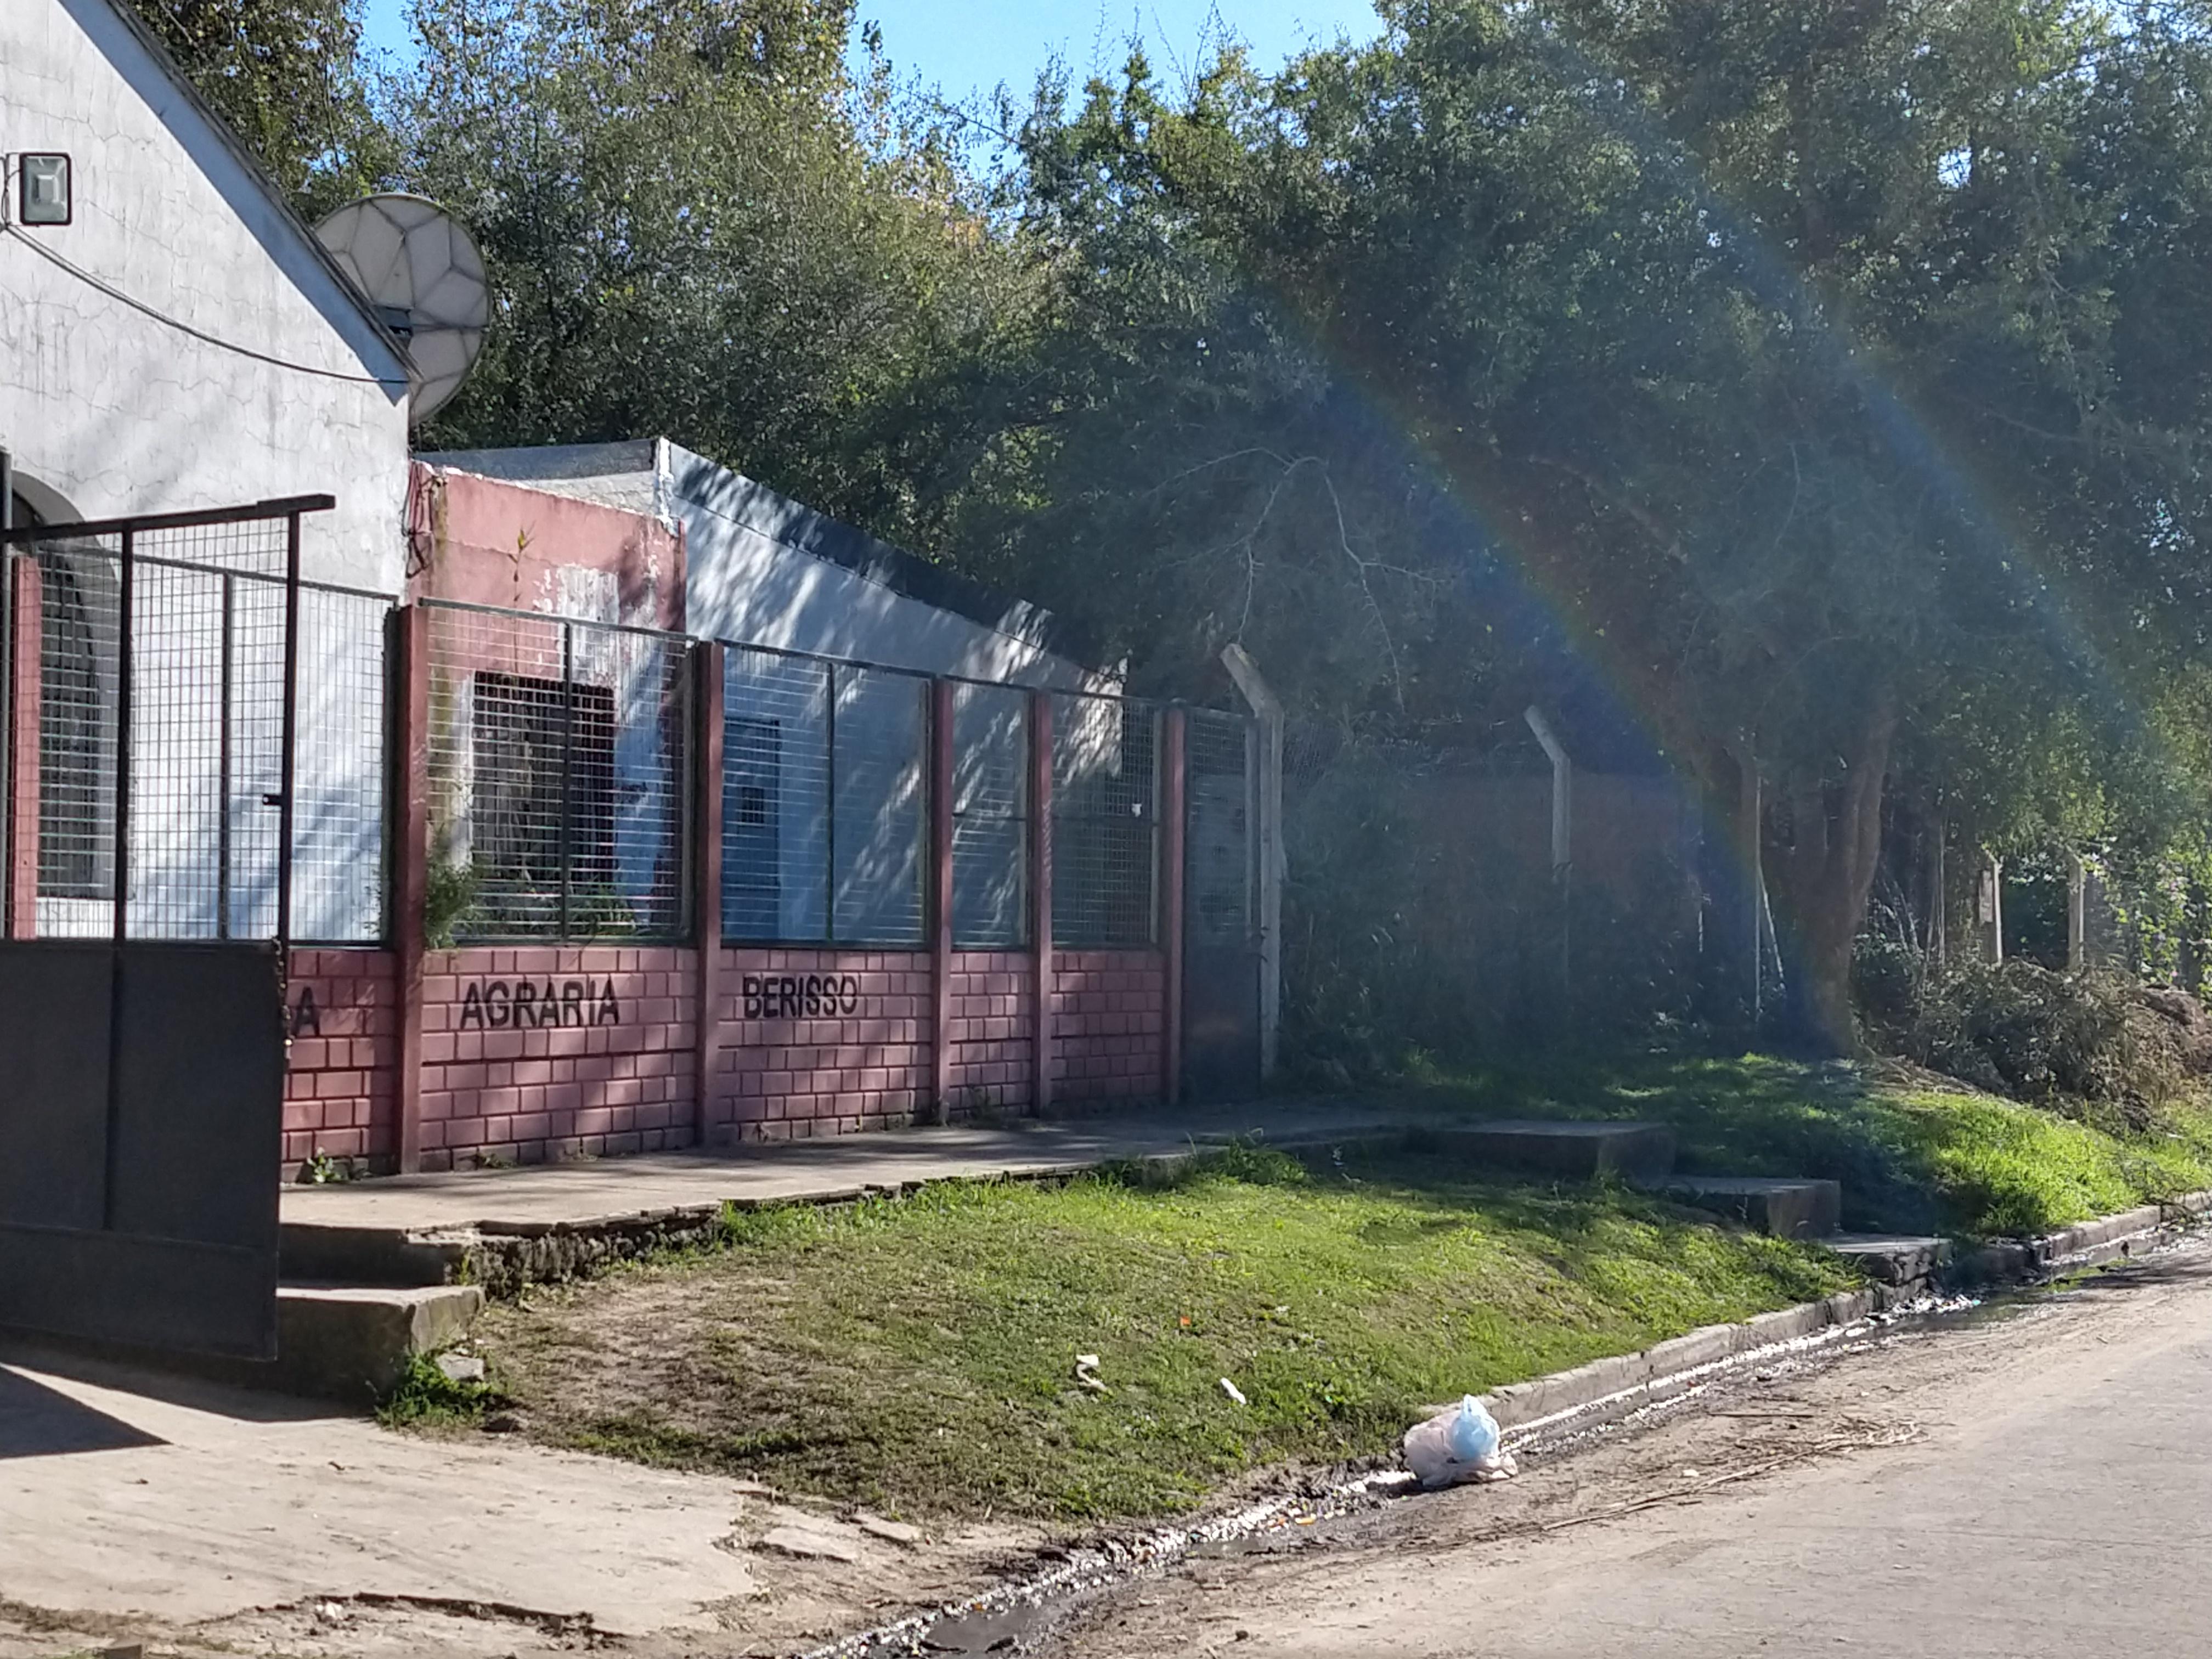 Este martes por la mañana, BerissoCiudad se acercó hasta las inmediaciones de la escuelas Nº 10 y Agraria, ubicadas en Ruta 15 y El Ombú, debido al llamado de atención que efectuó un grupo de padres, quienes se mostraron preocupados por el agua estancada en la vereda de entrada.